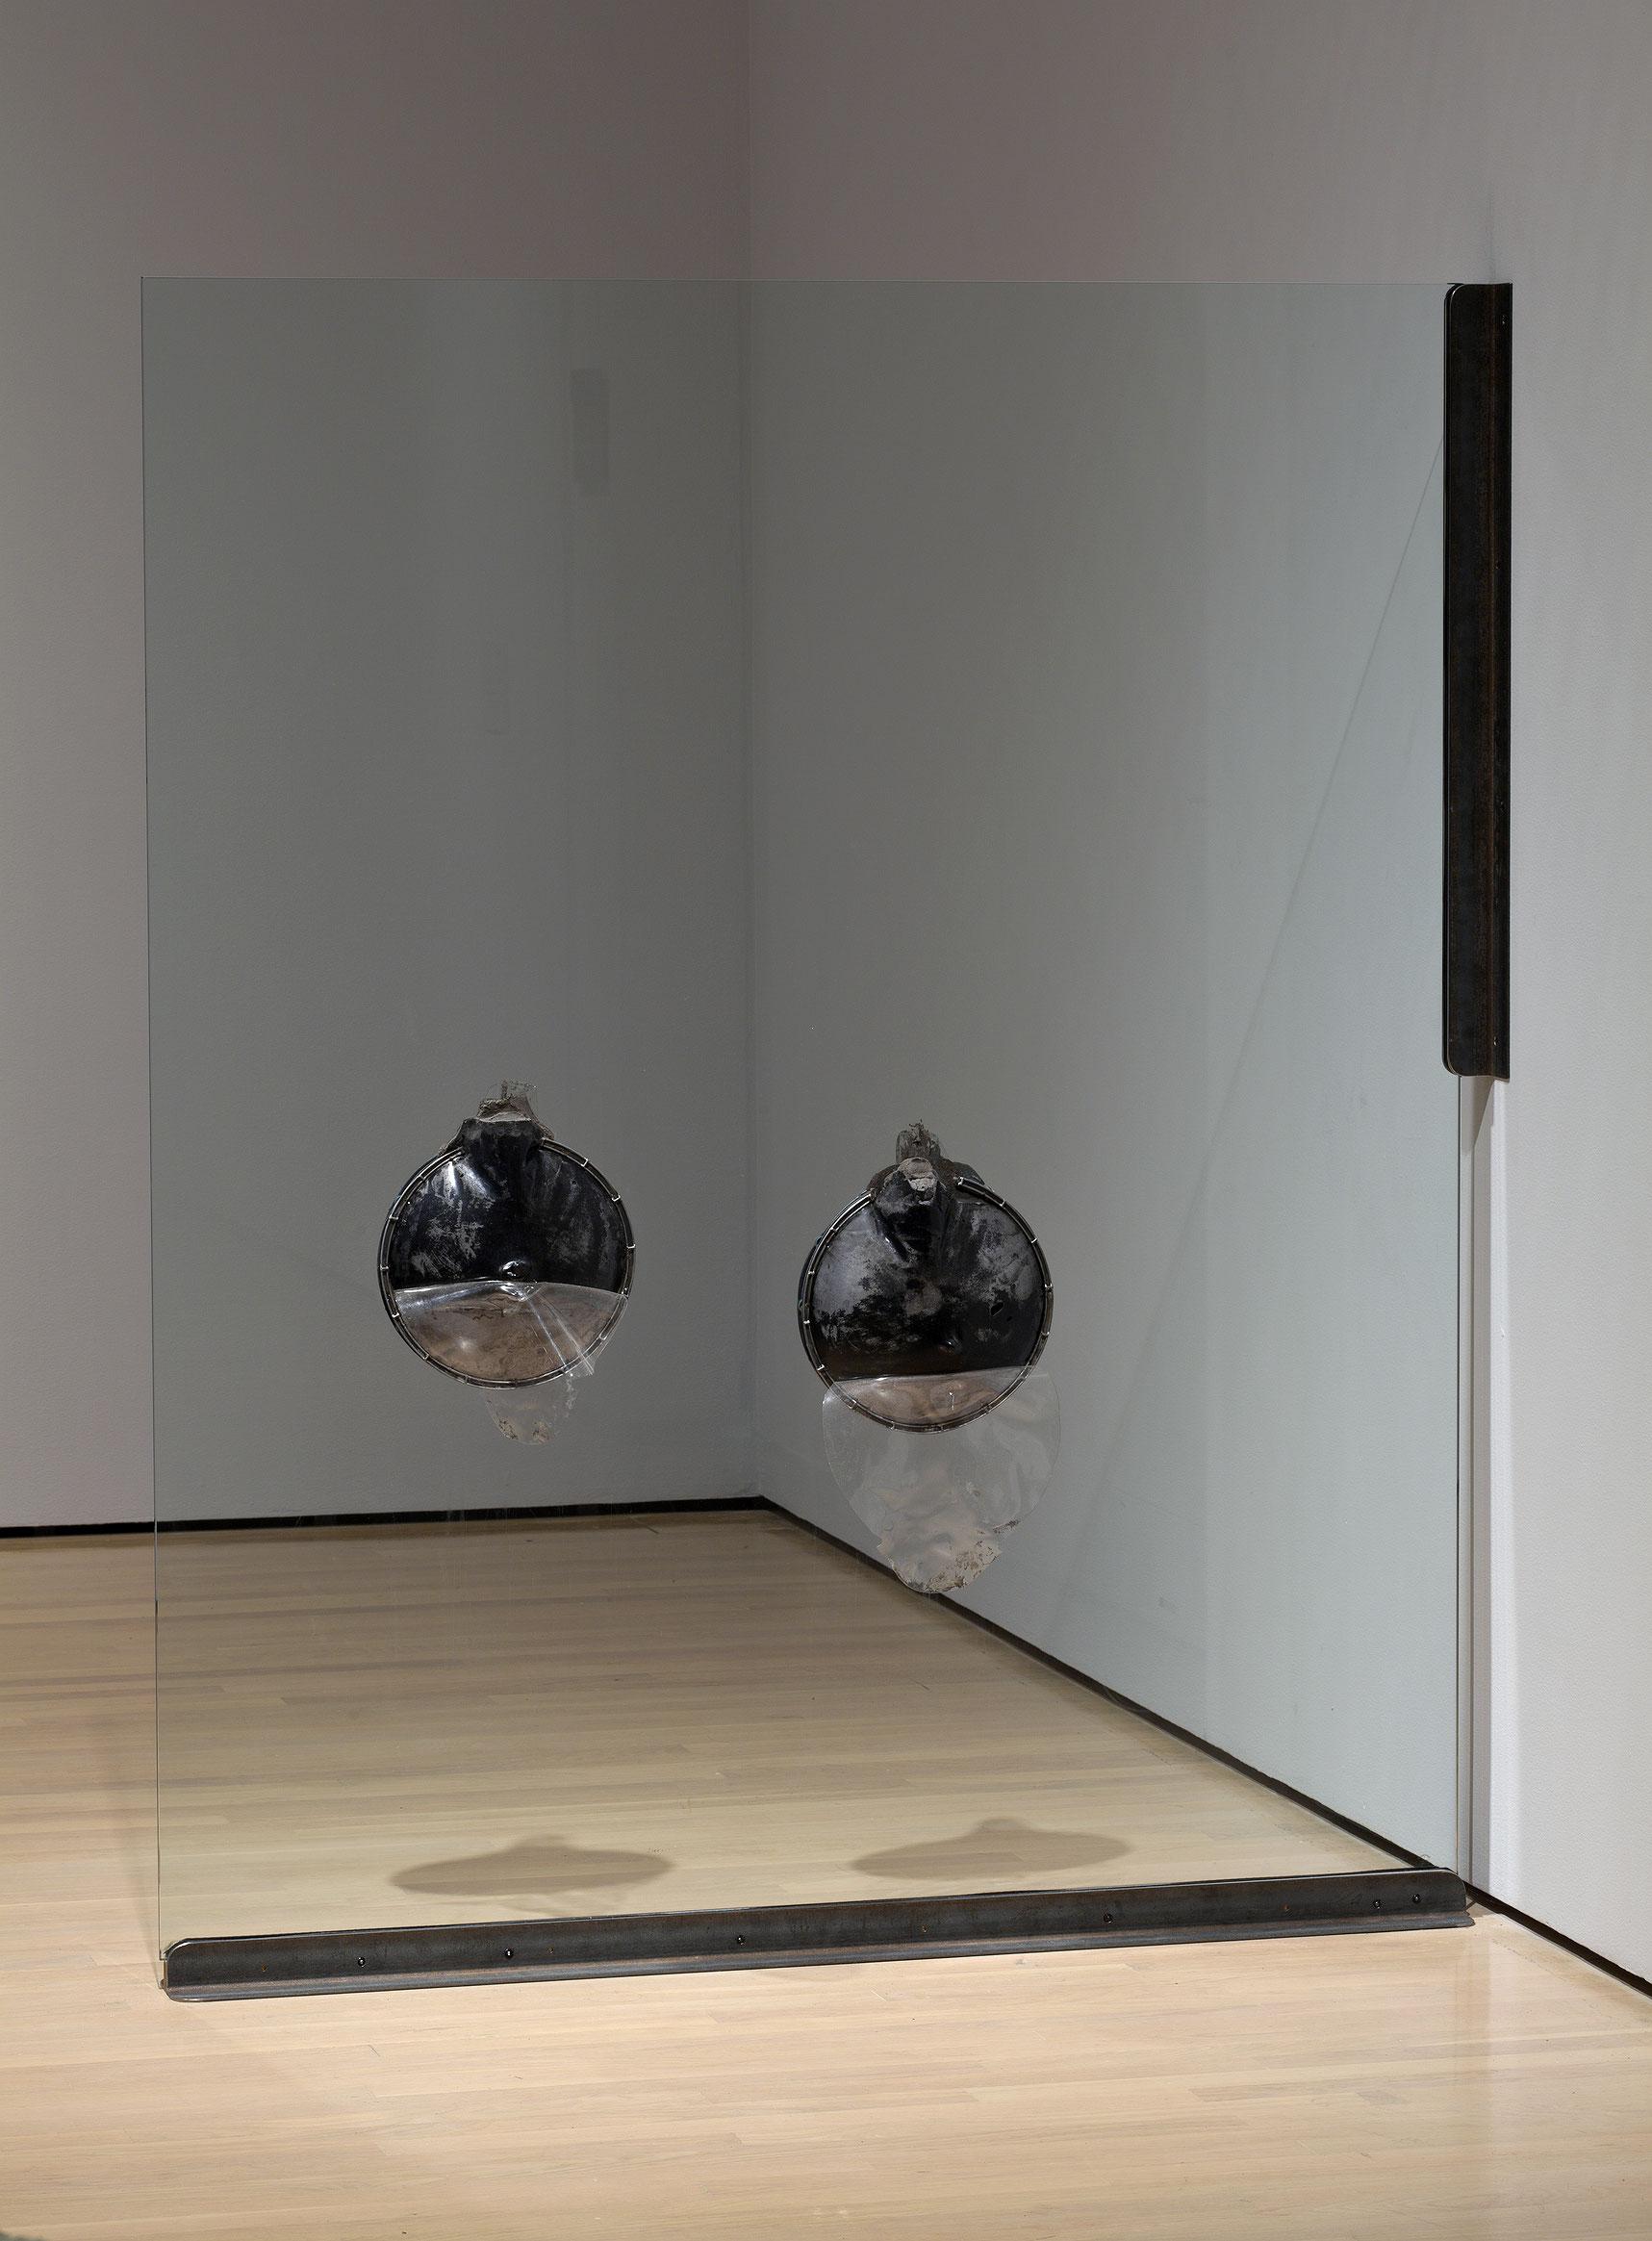 Mère obscure, père ambigu, fils accompli: Agathe, 1994, Stephen Schofield, Verre, ciment fondu, plastique et métal.